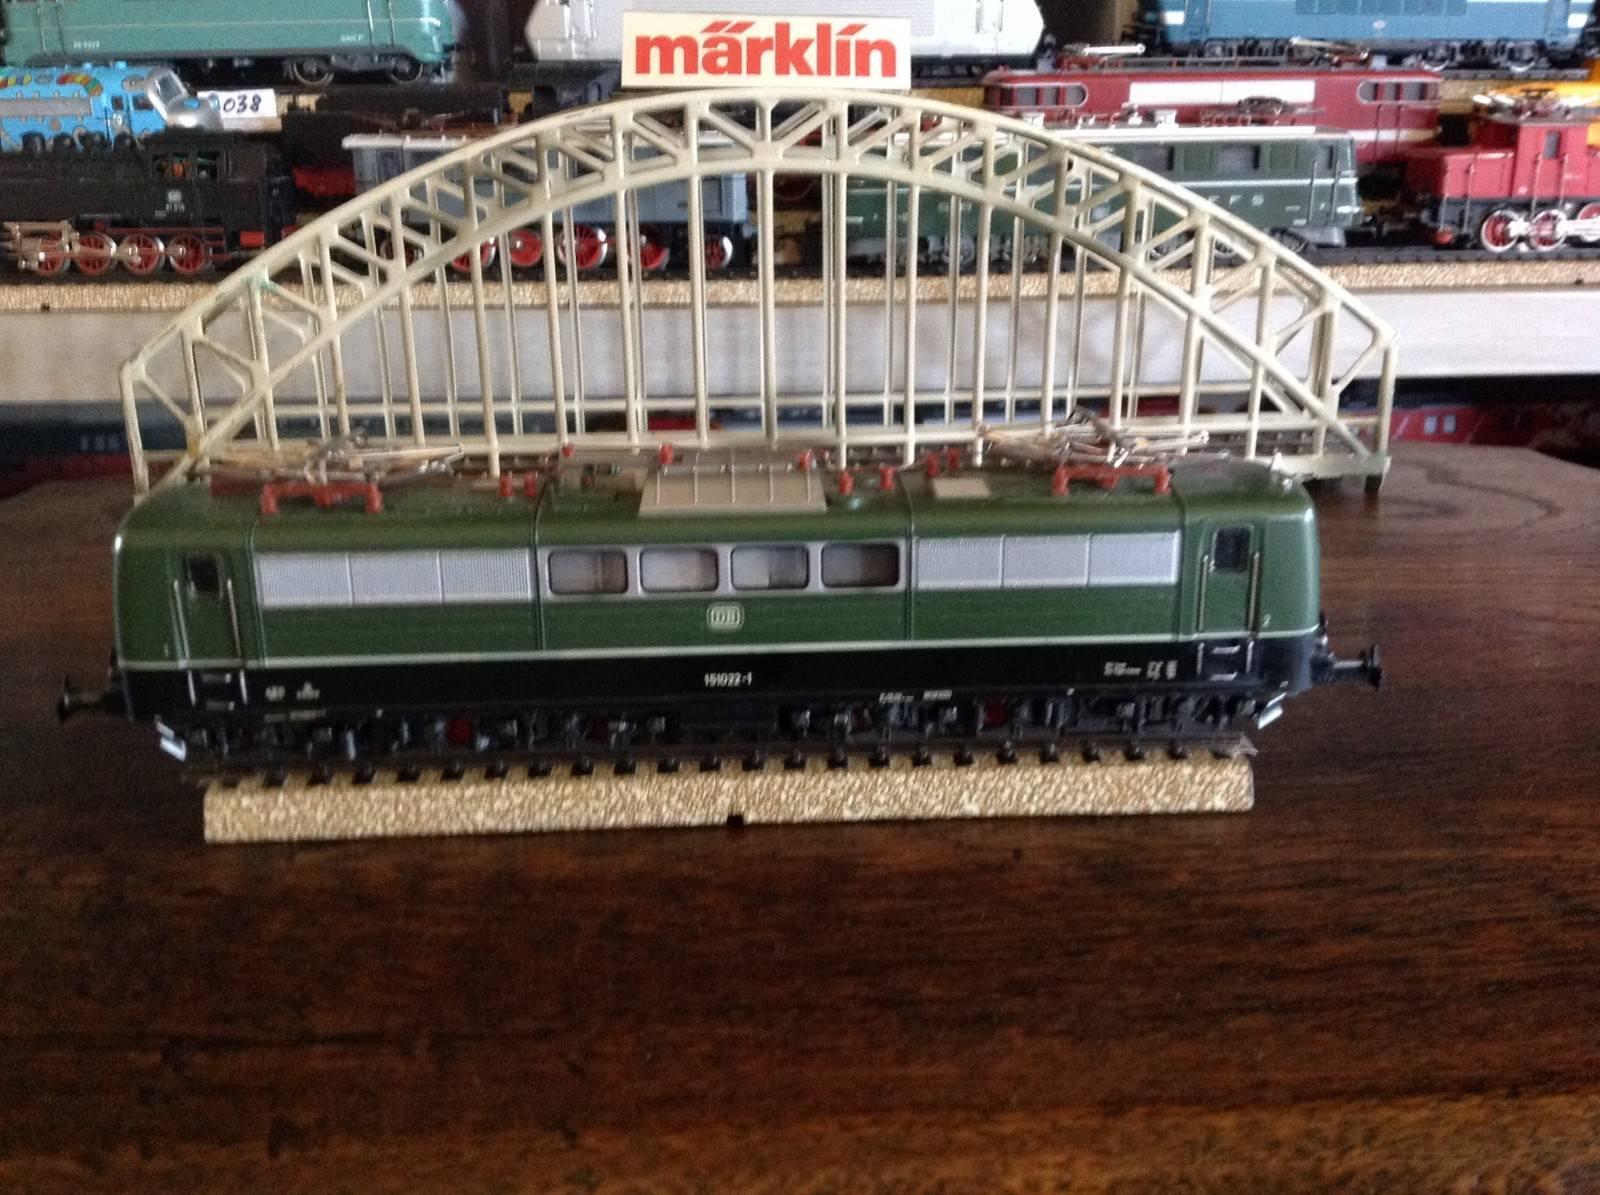 Marklin 3057 ho - db 151022-1 loco 6x6 made in germany